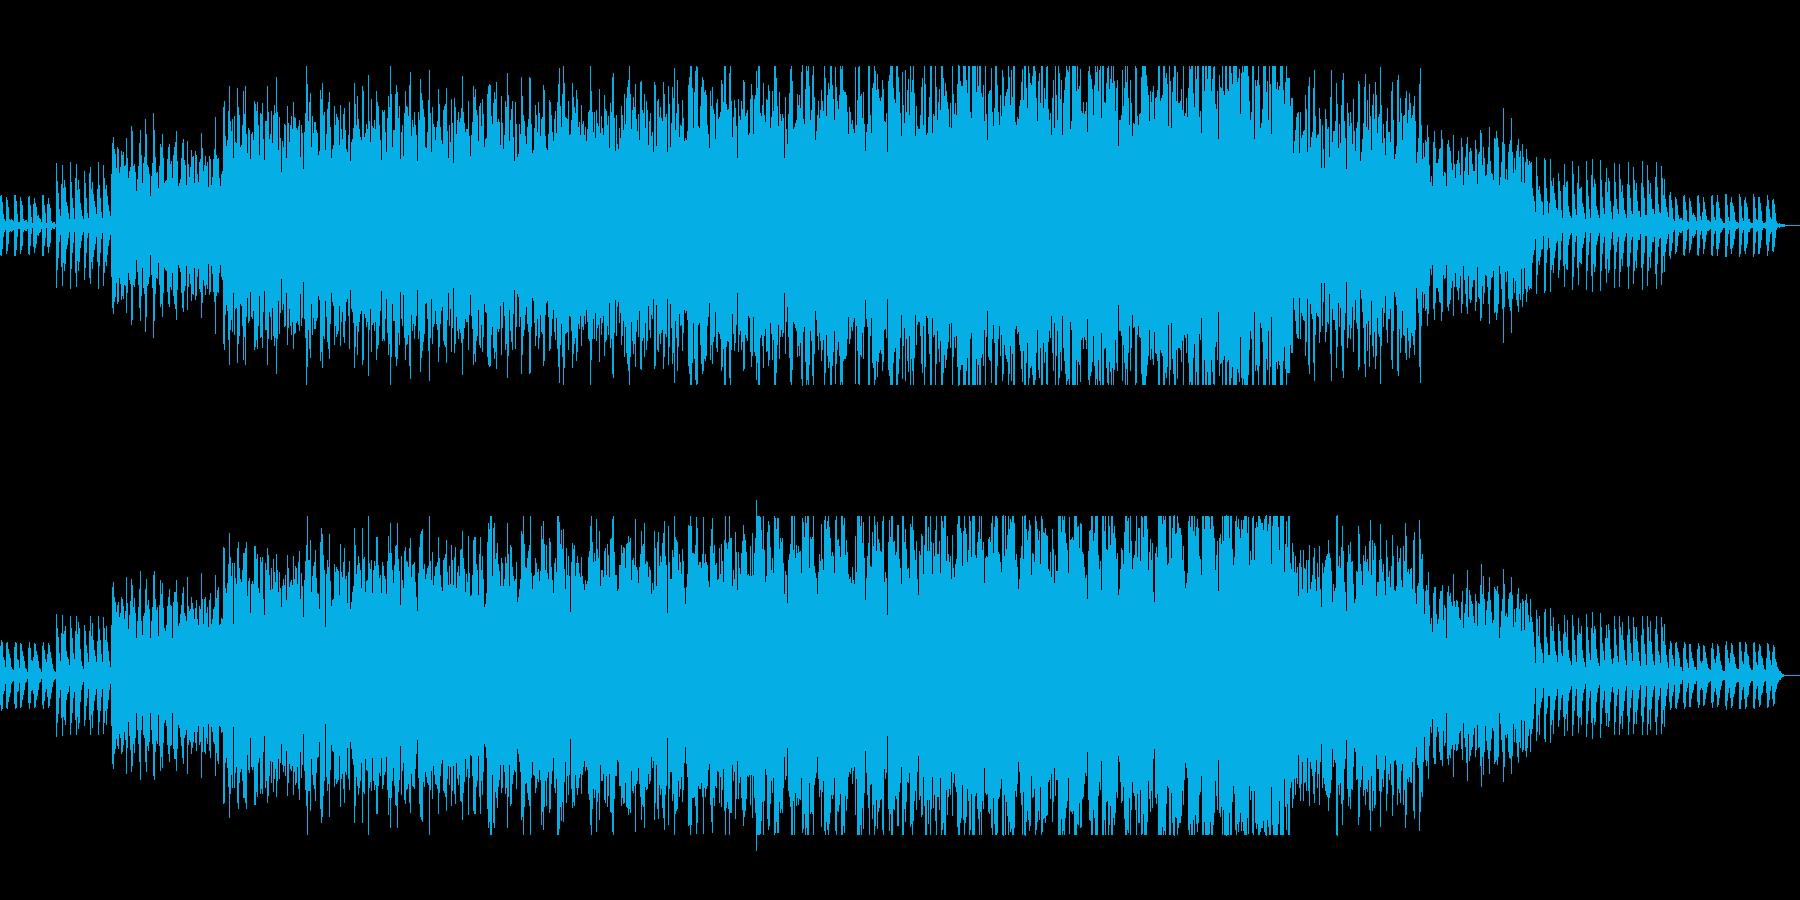 おしゃれで軽やかな打楽器木琴シンセの再生済みの波形